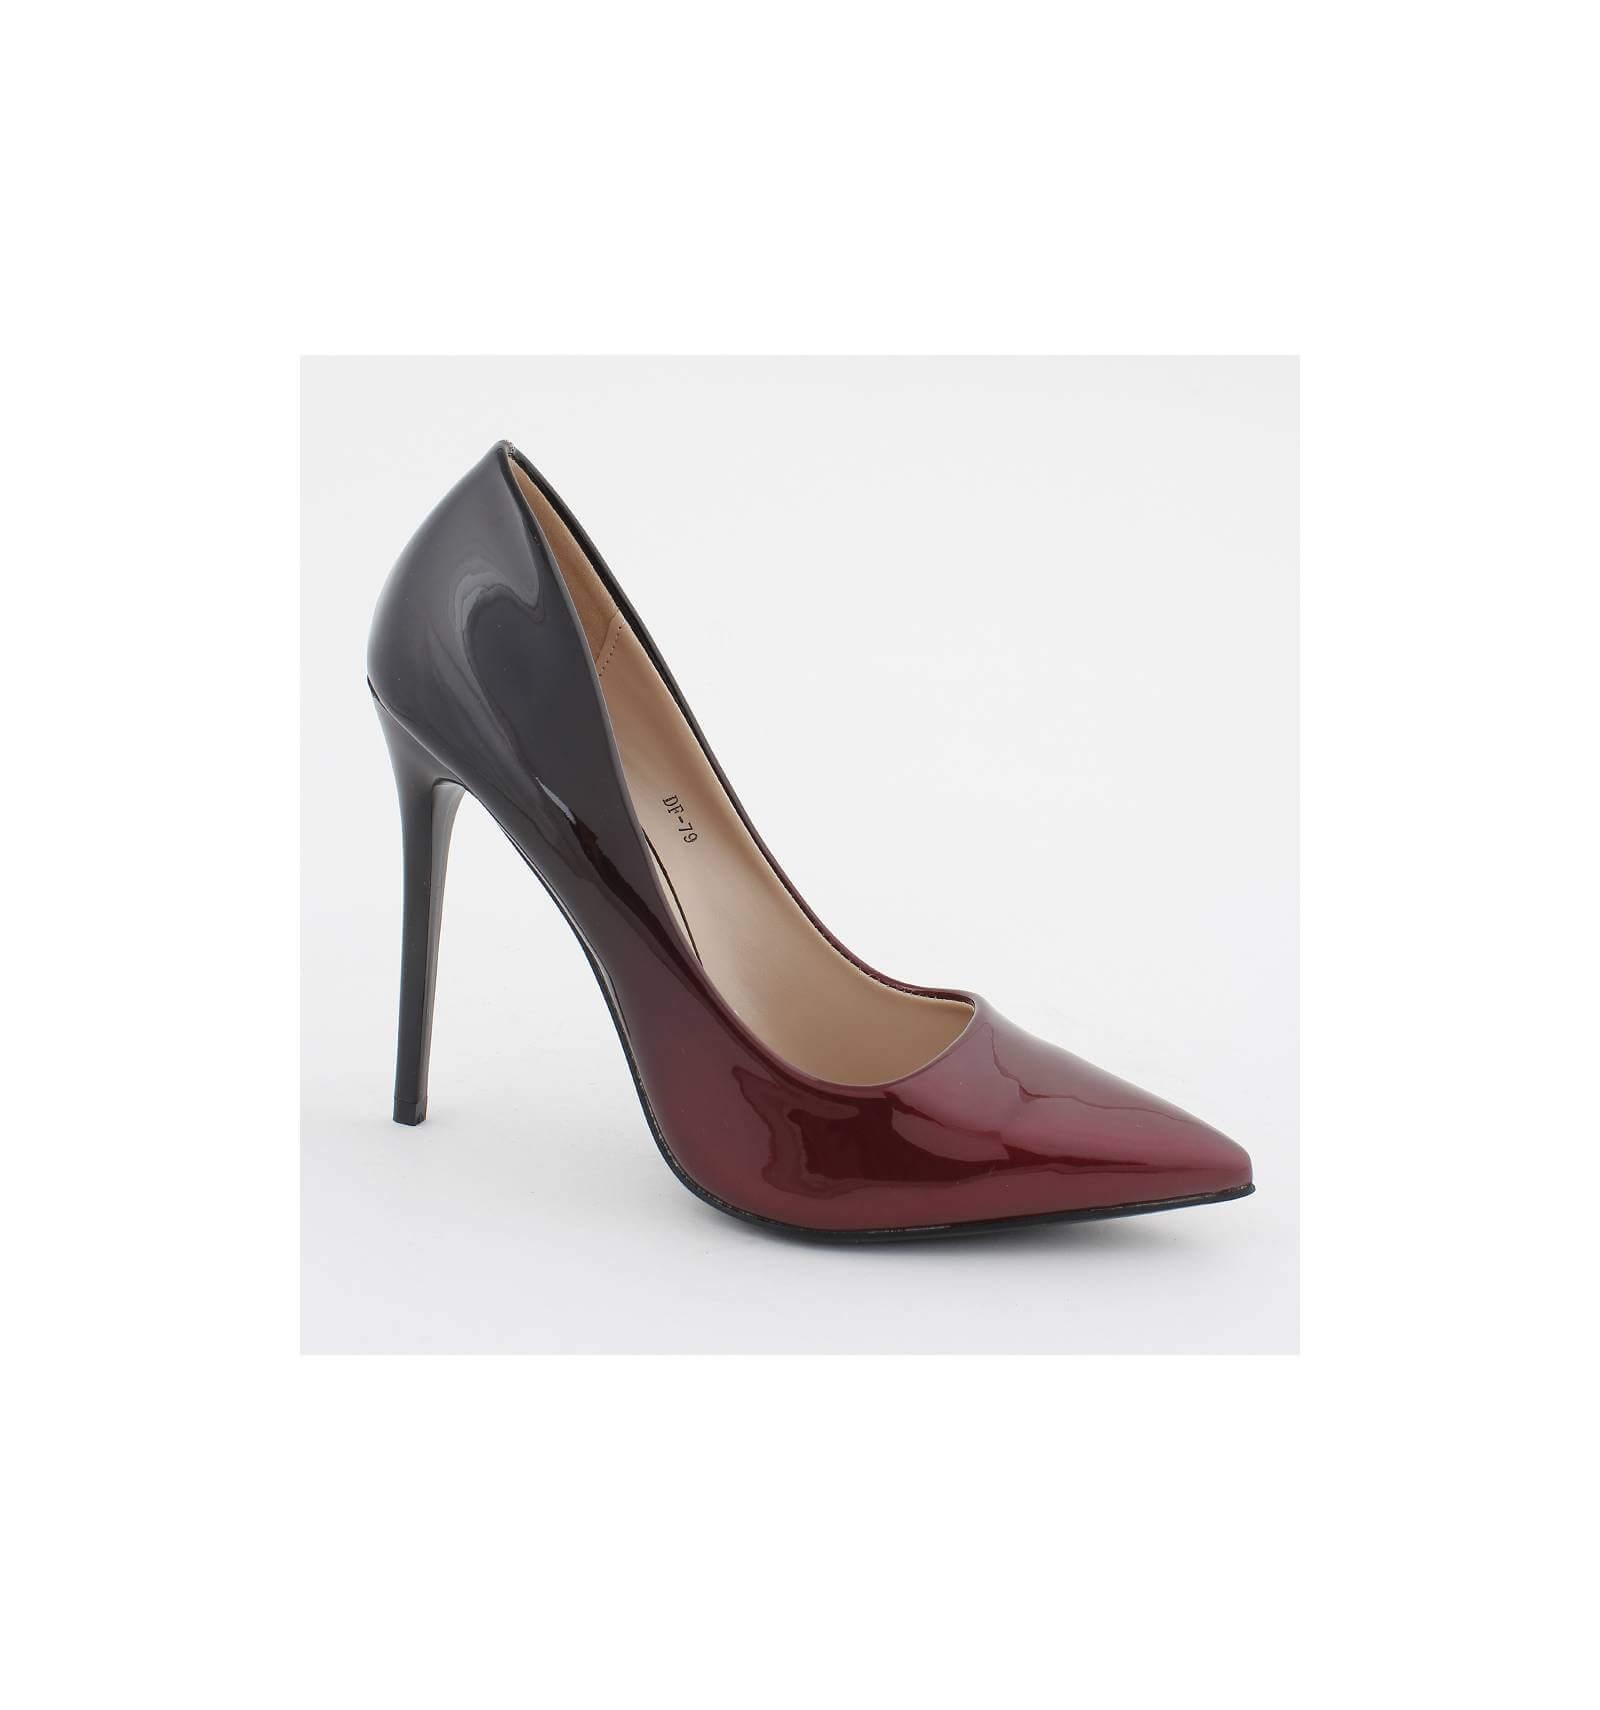 La Modeuse Escarpin classique et boucle strass rouge Rouge - Chaussures Escarpins Femme 820 €